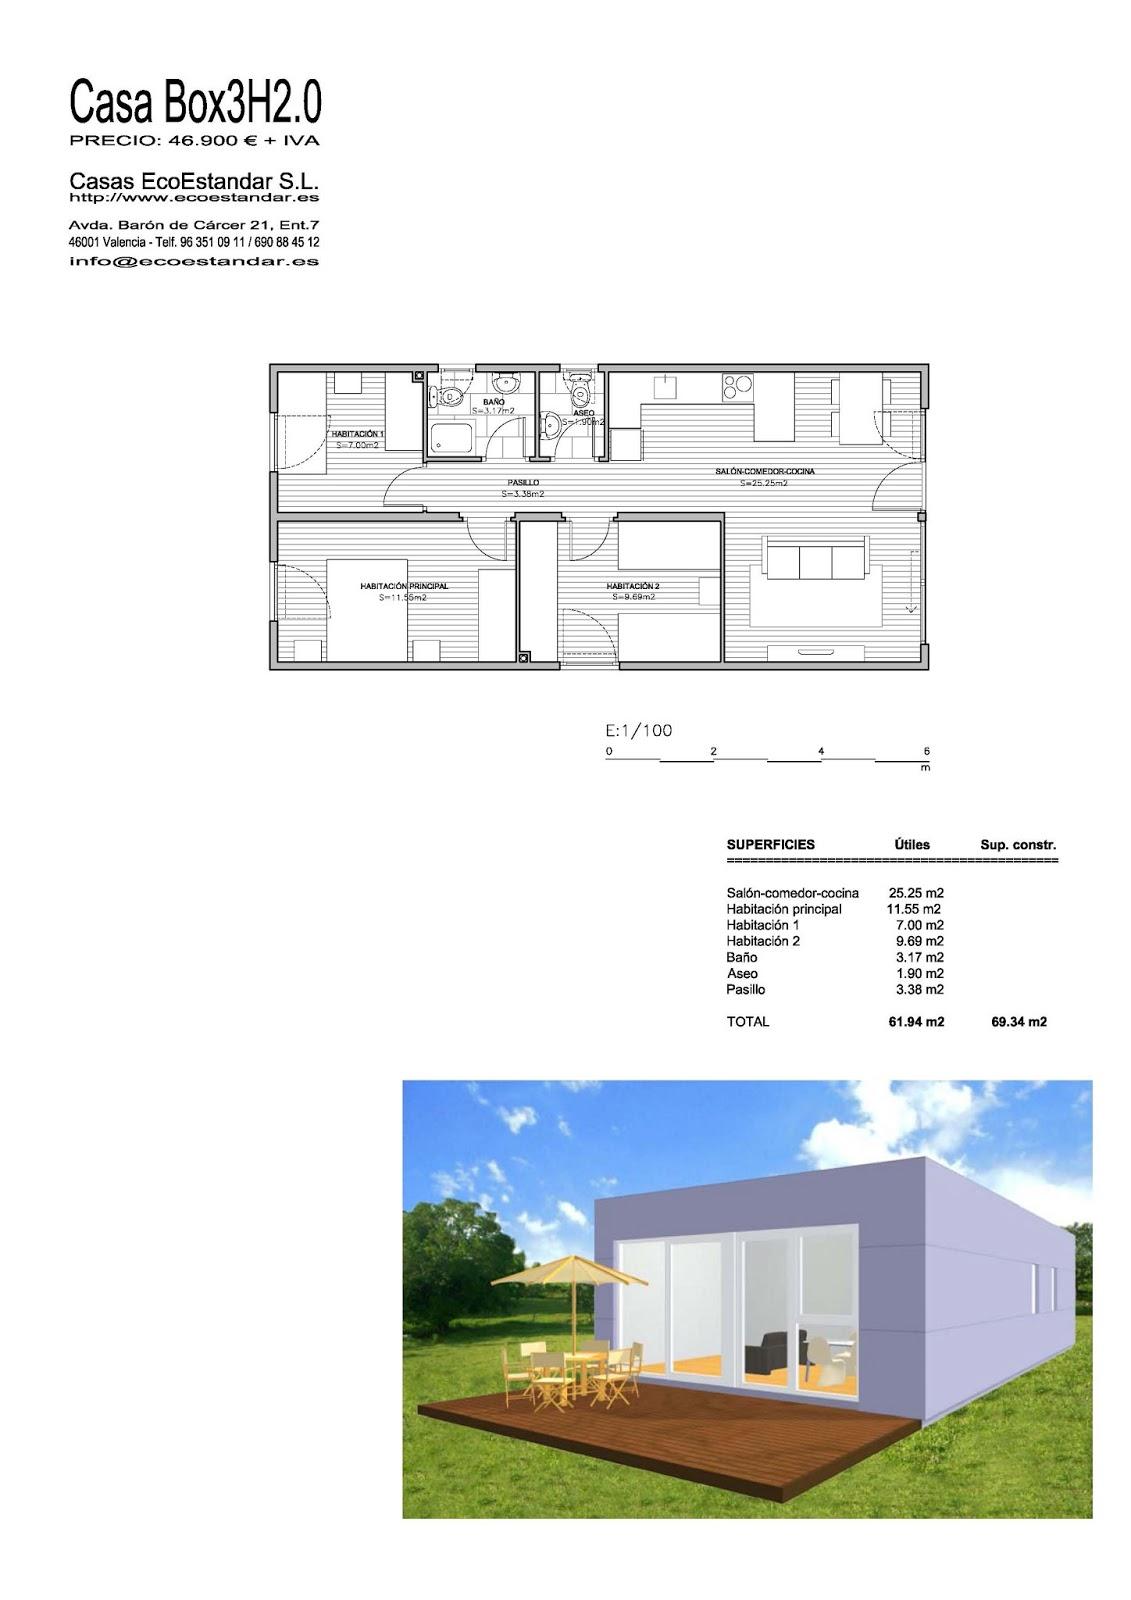 Casa de quita y pon casas prefabricadas econ micas de - Casas prefabricadas calidad ...